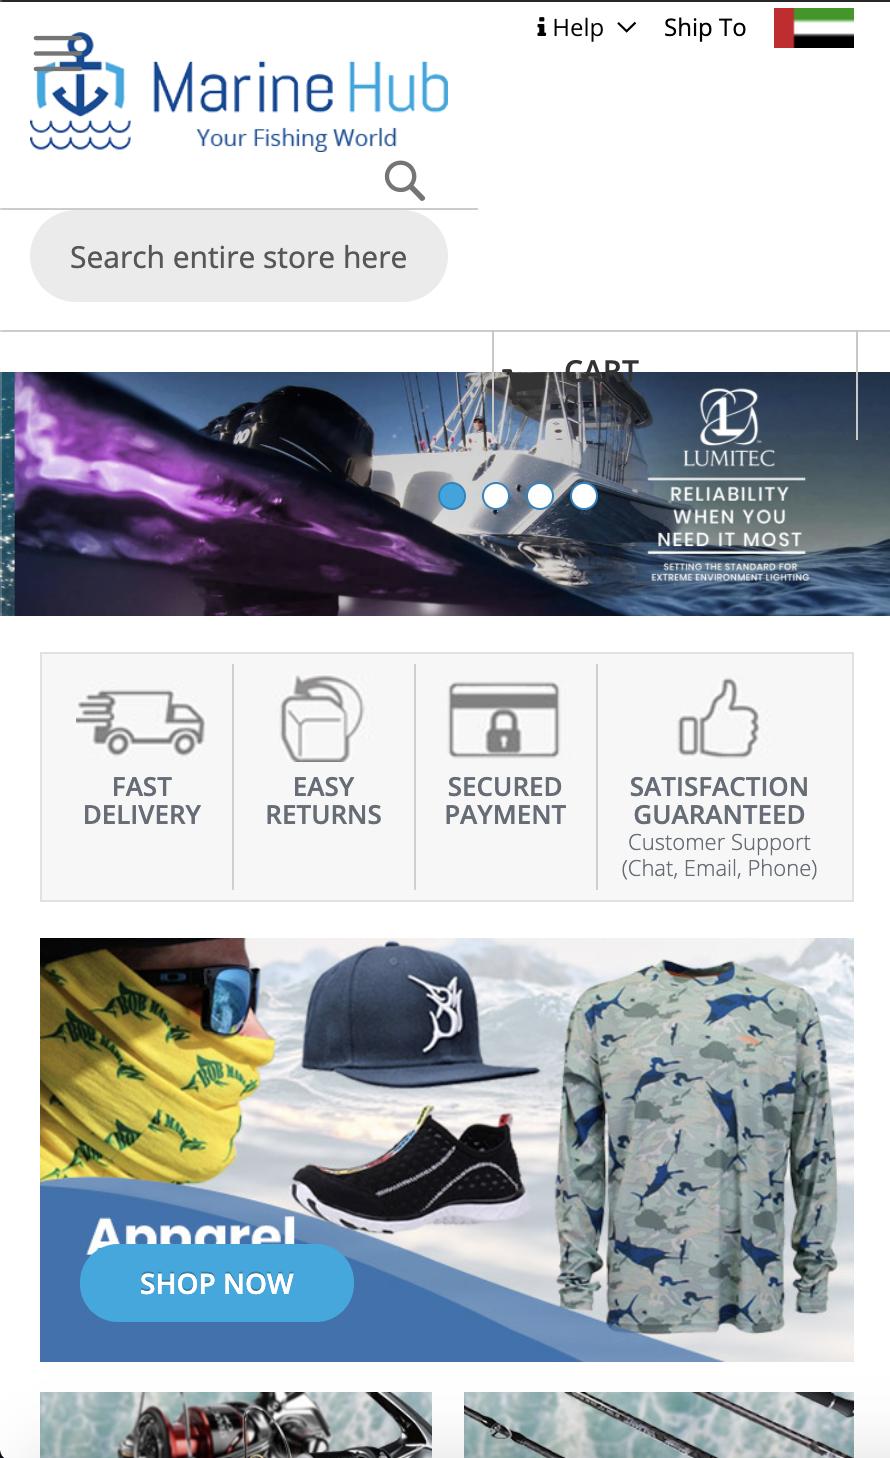 Emarinehub Water Sport Accessories Fishing World Fishing Store